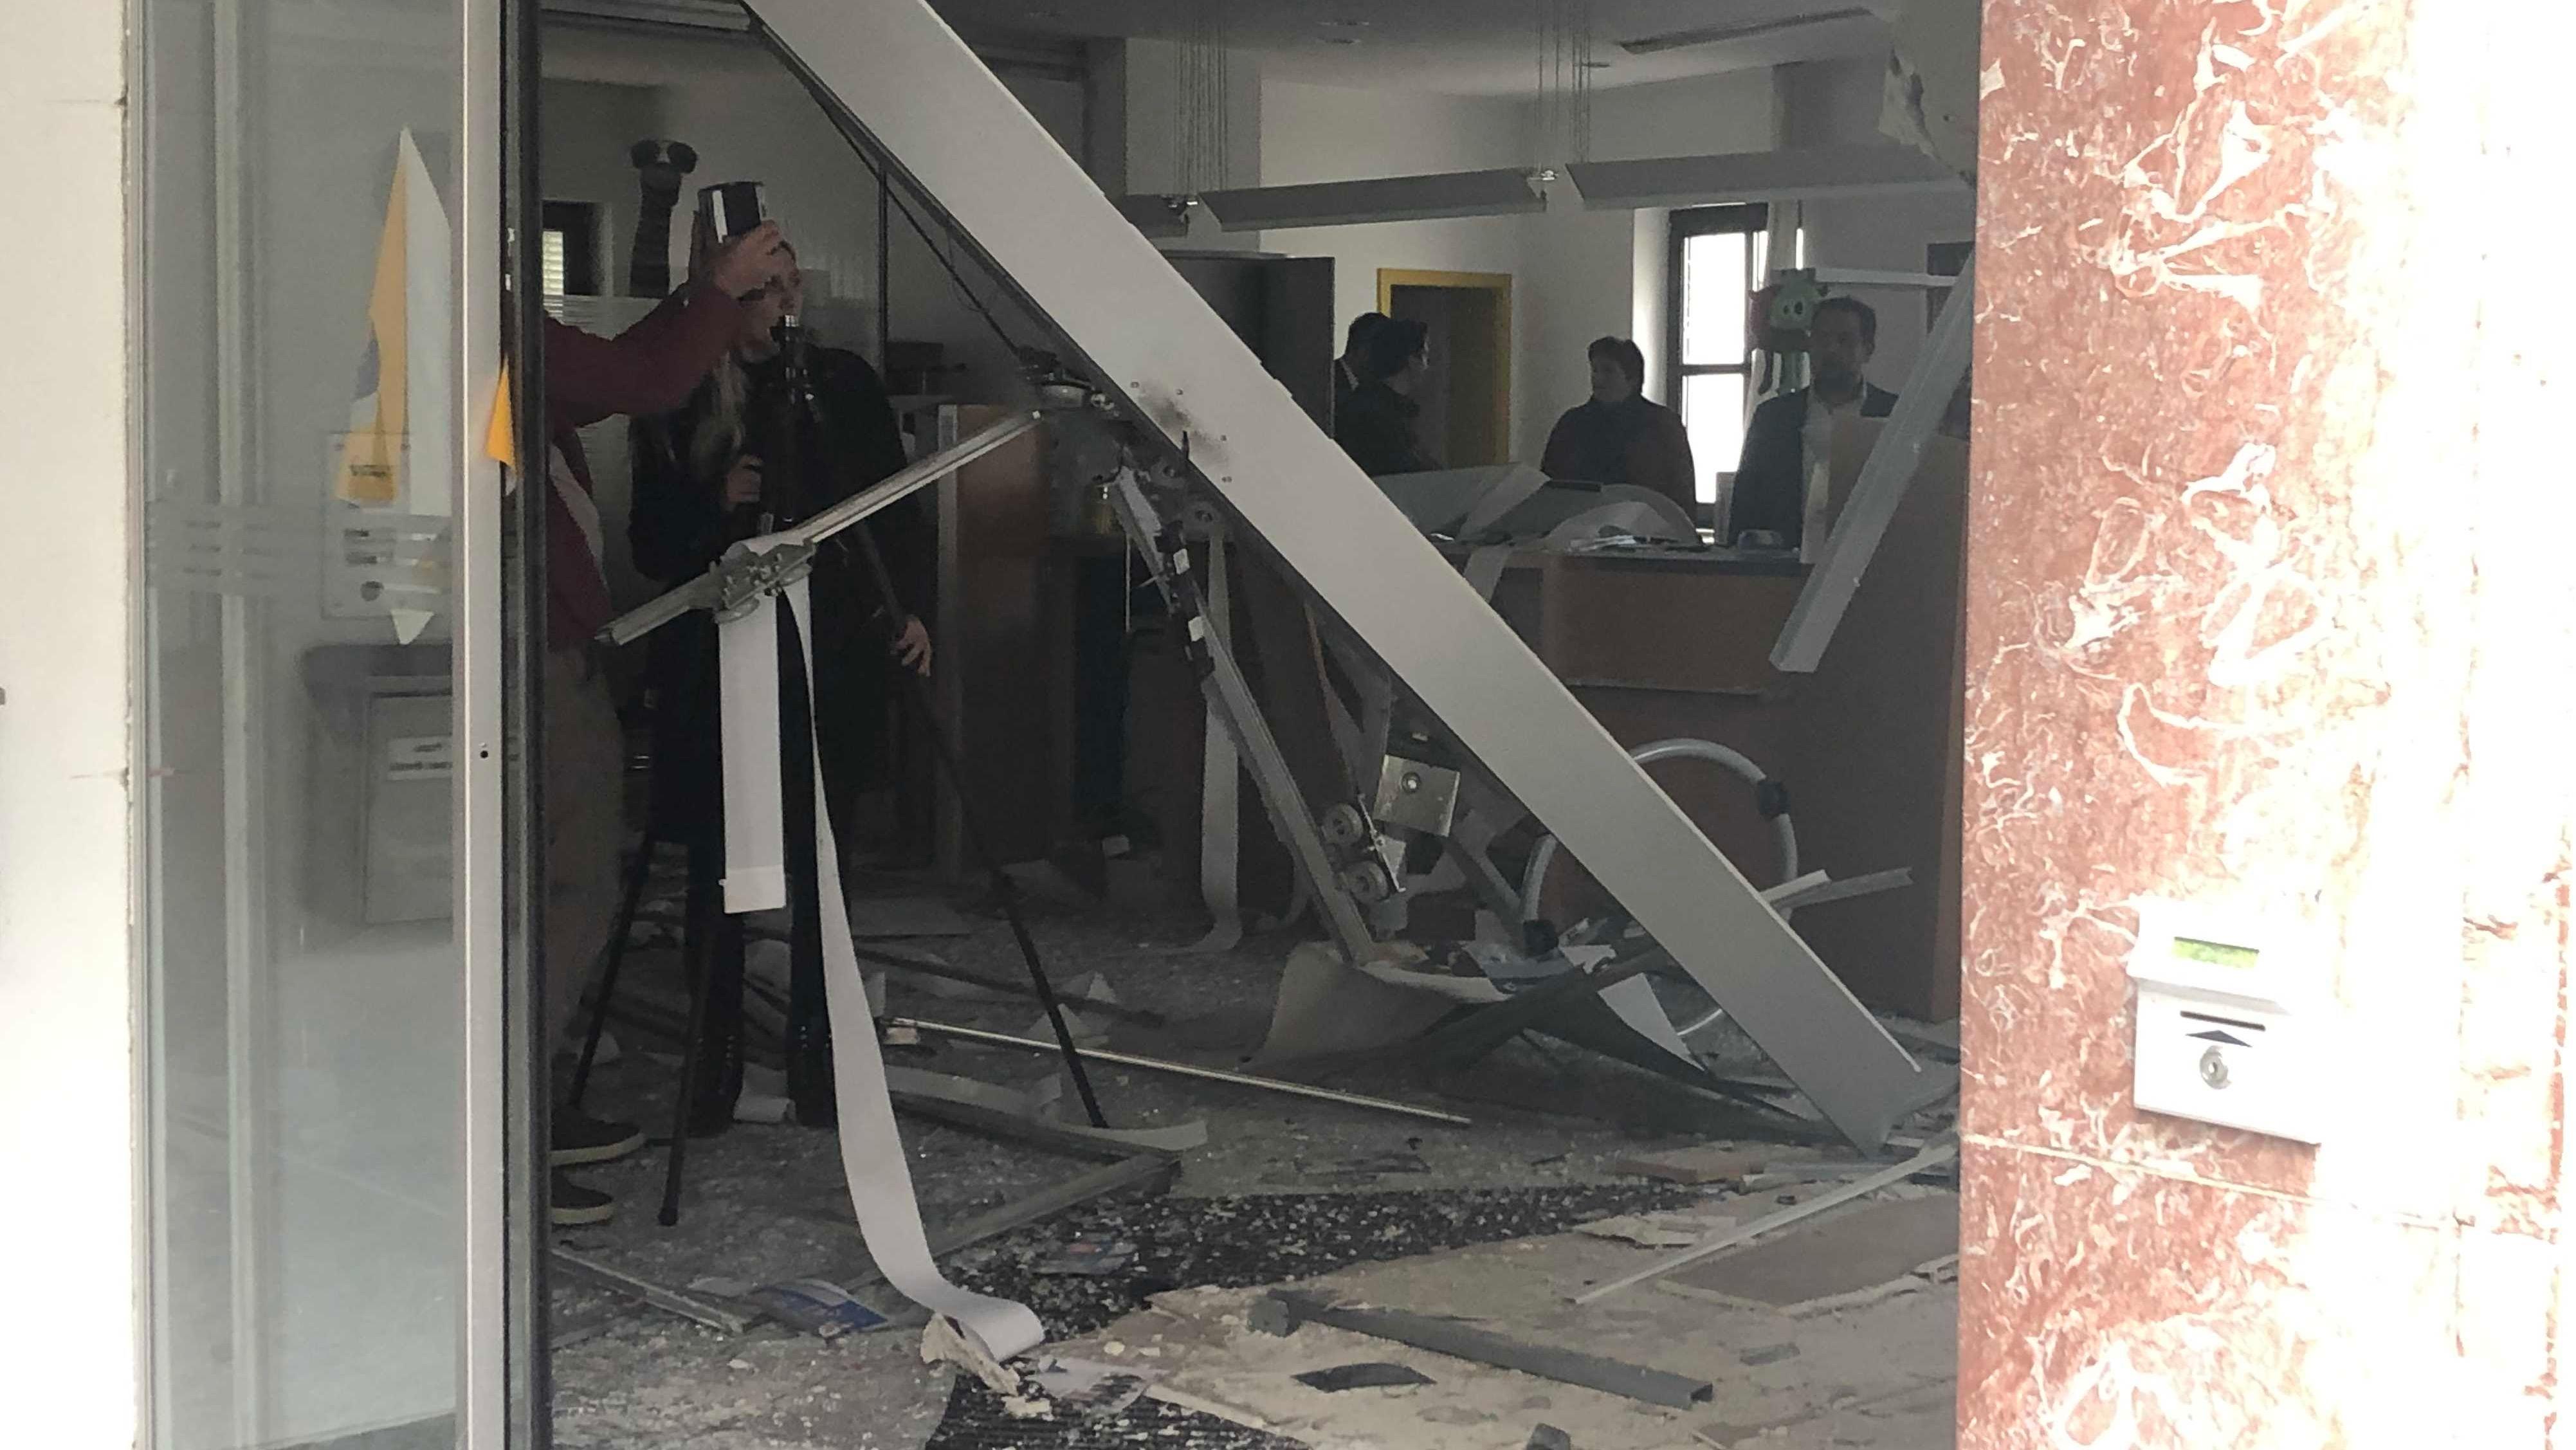 Der verwüstete Eingangsbereich der Bankfiliale.